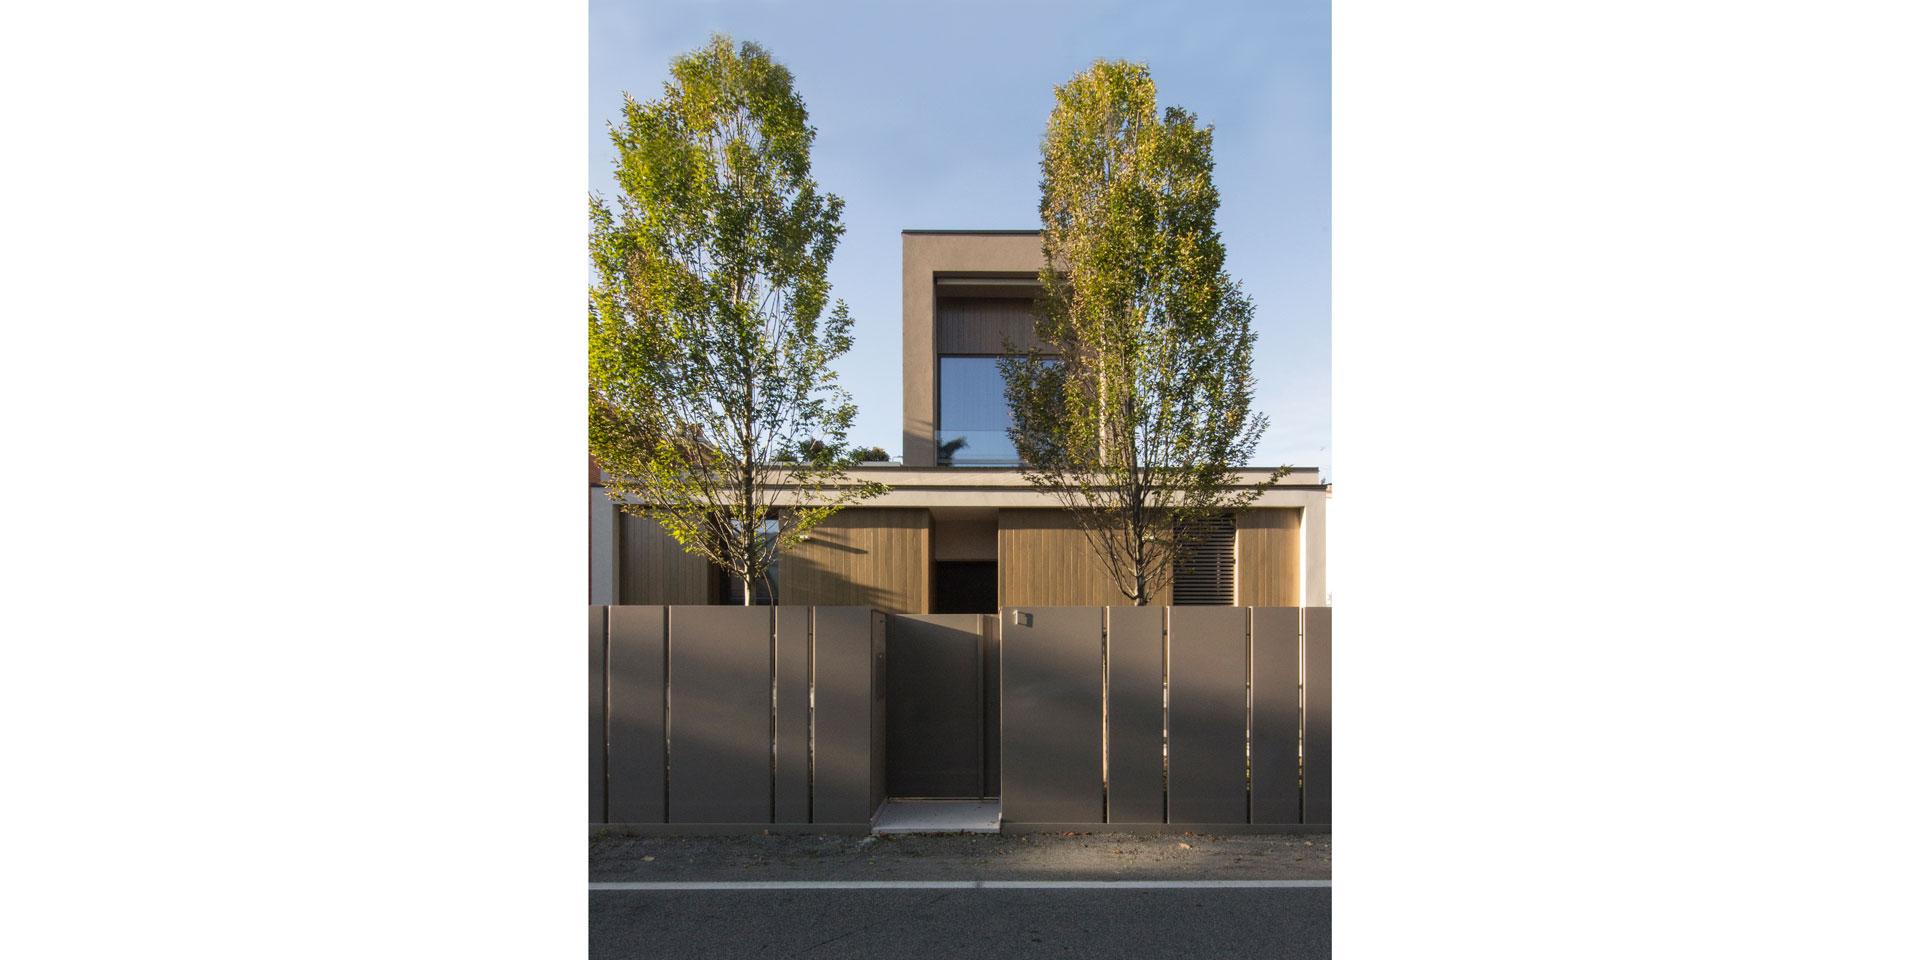 archinow_MAR_residenza-privata-rimini_03-1